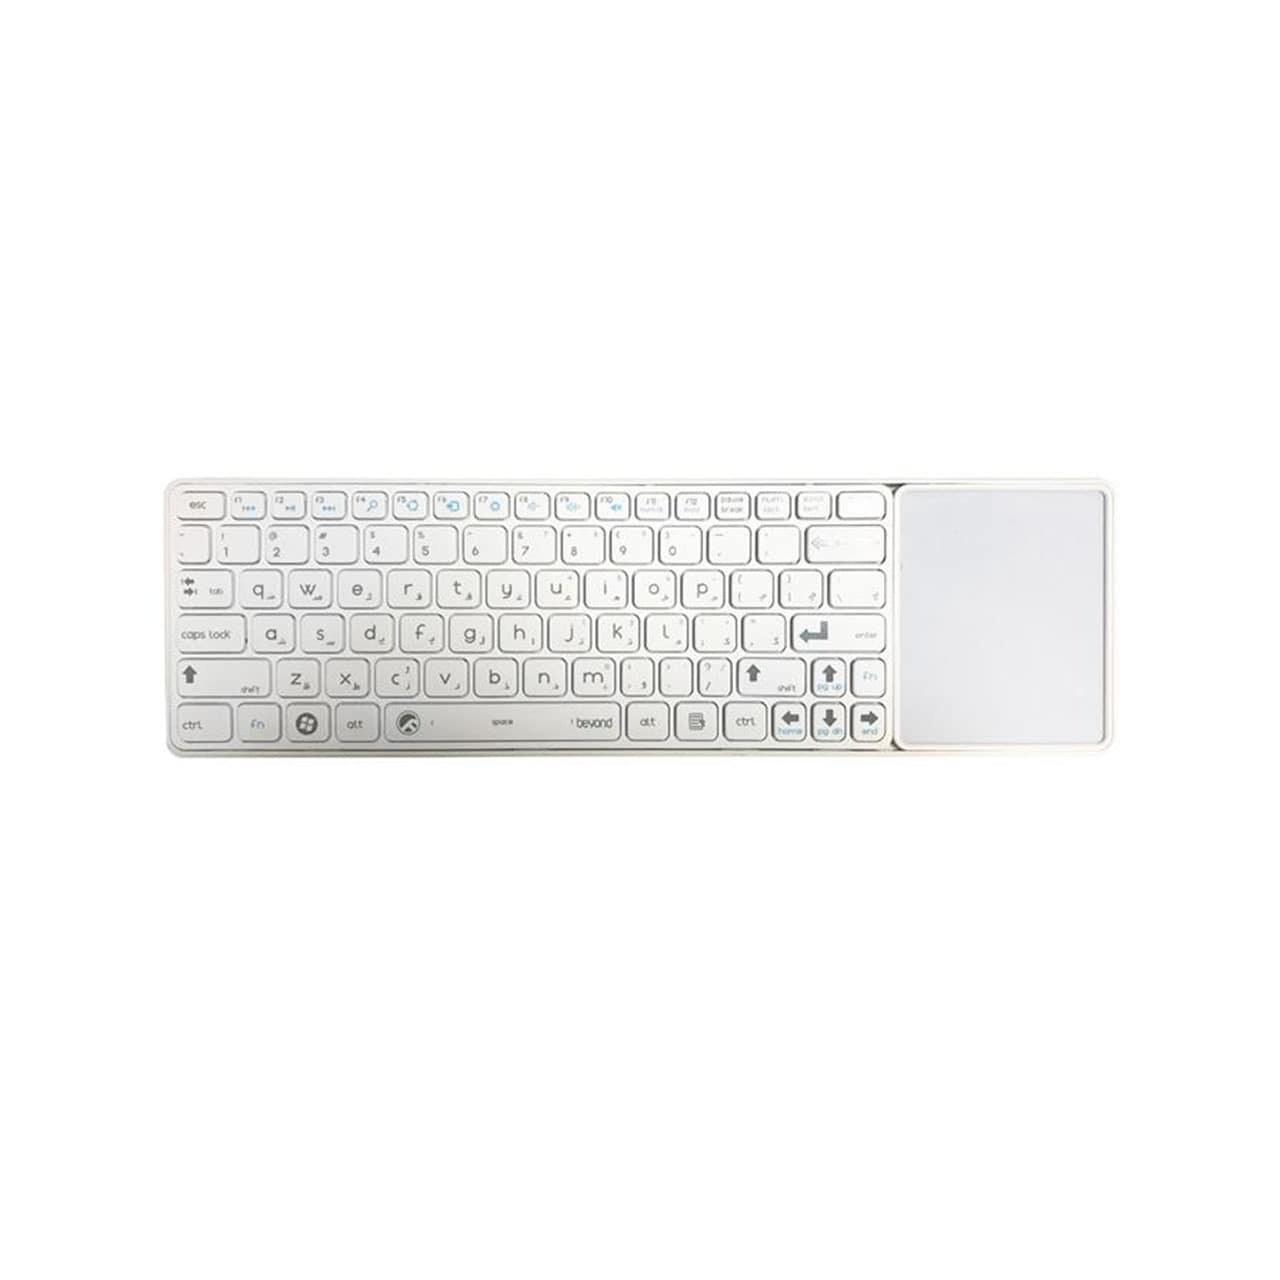 تصویر کیبورد بی سیم و تاچ پد بیاند مدل BK-6800RF Beyond BK-6800RF Bluetooth TouchPad Keyboard